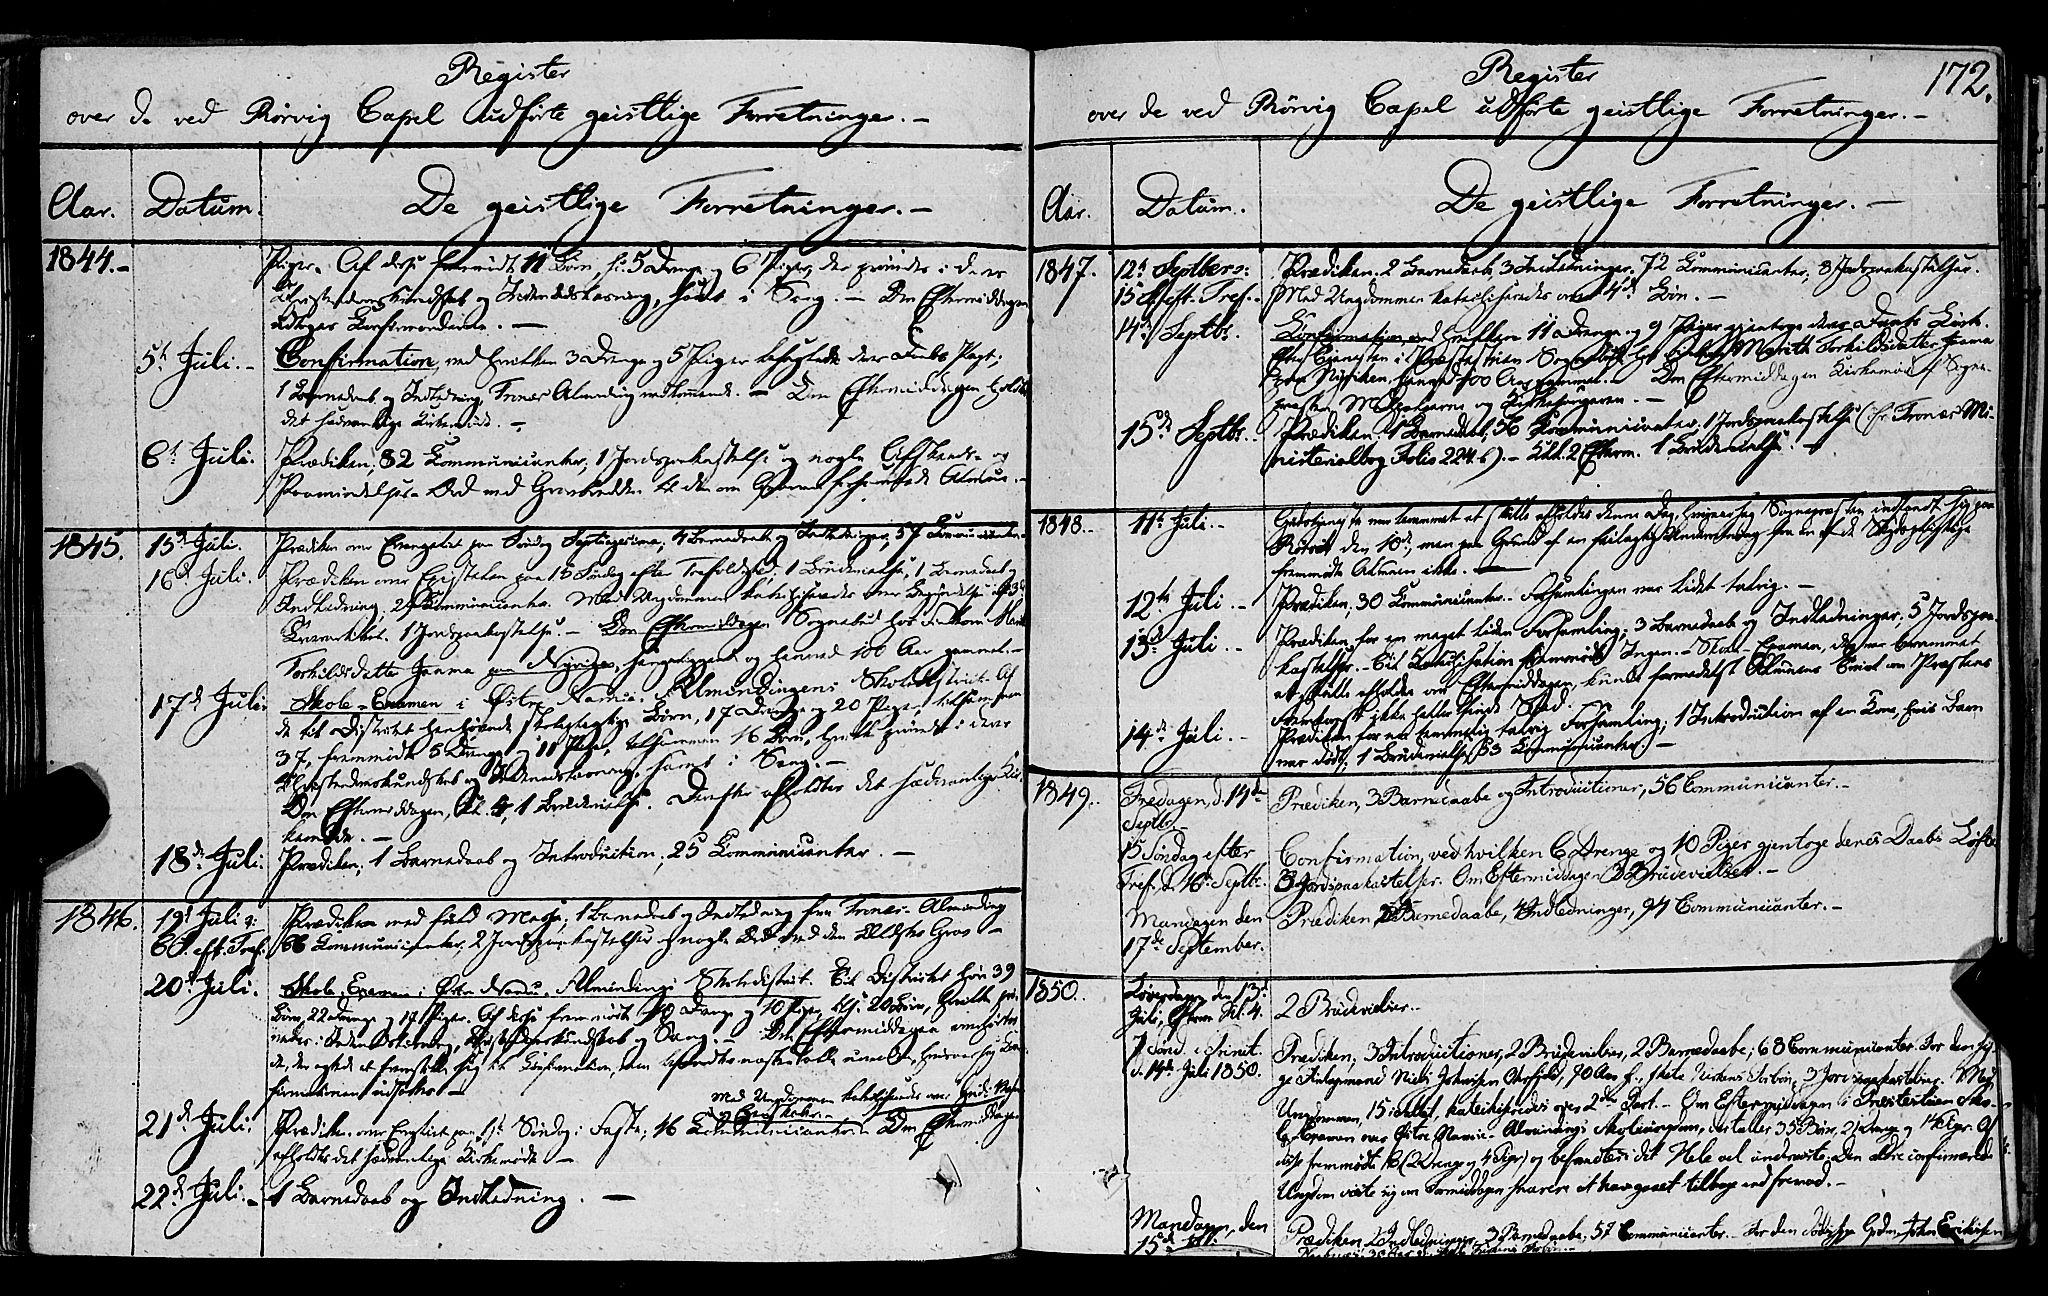 SAT, Ministerialprotokoller, klokkerbøker og fødselsregistre - Nord-Trøndelag, 762/L0538: Ministerialbok nr. 762A02 /1, 1833-1879, s. 172